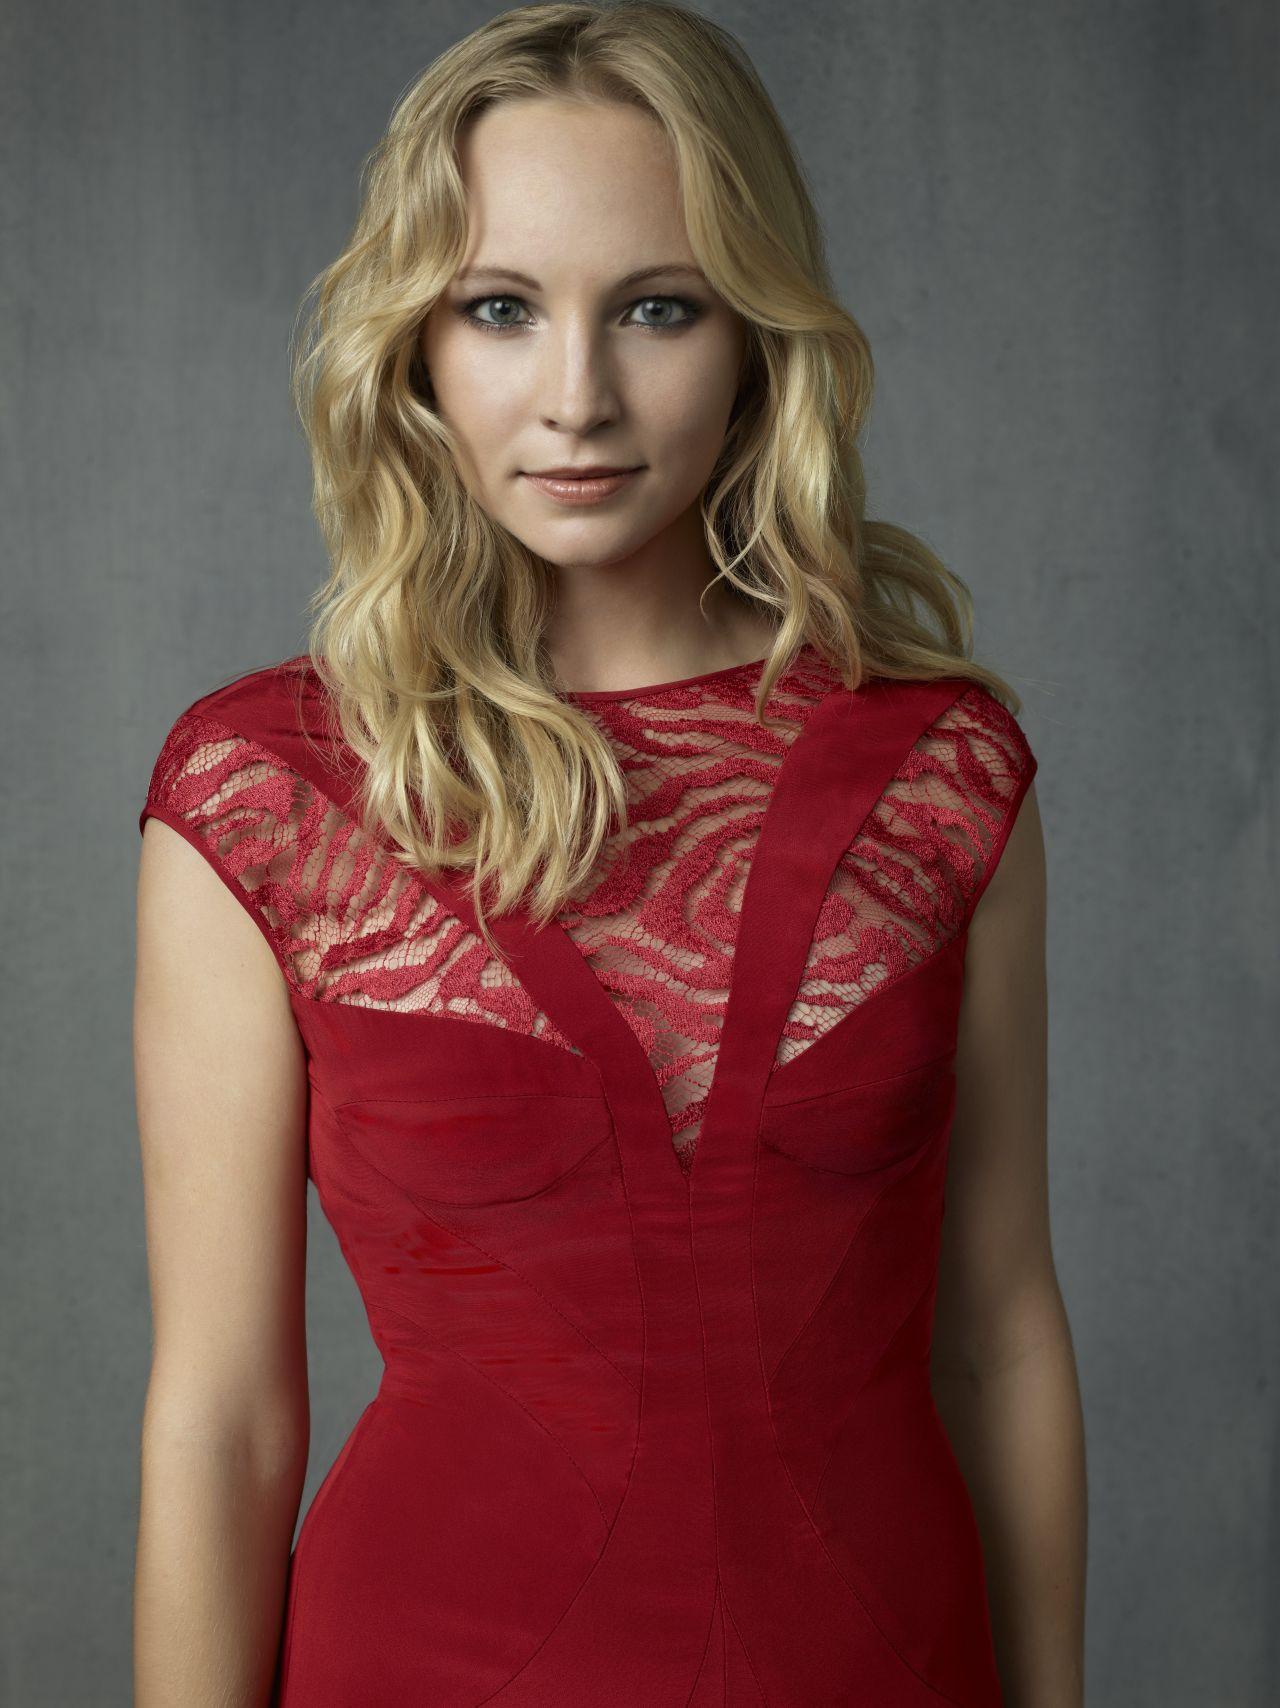 Caroline Grey The Vampire Diaries Tv Series Season 4 Promo Photos